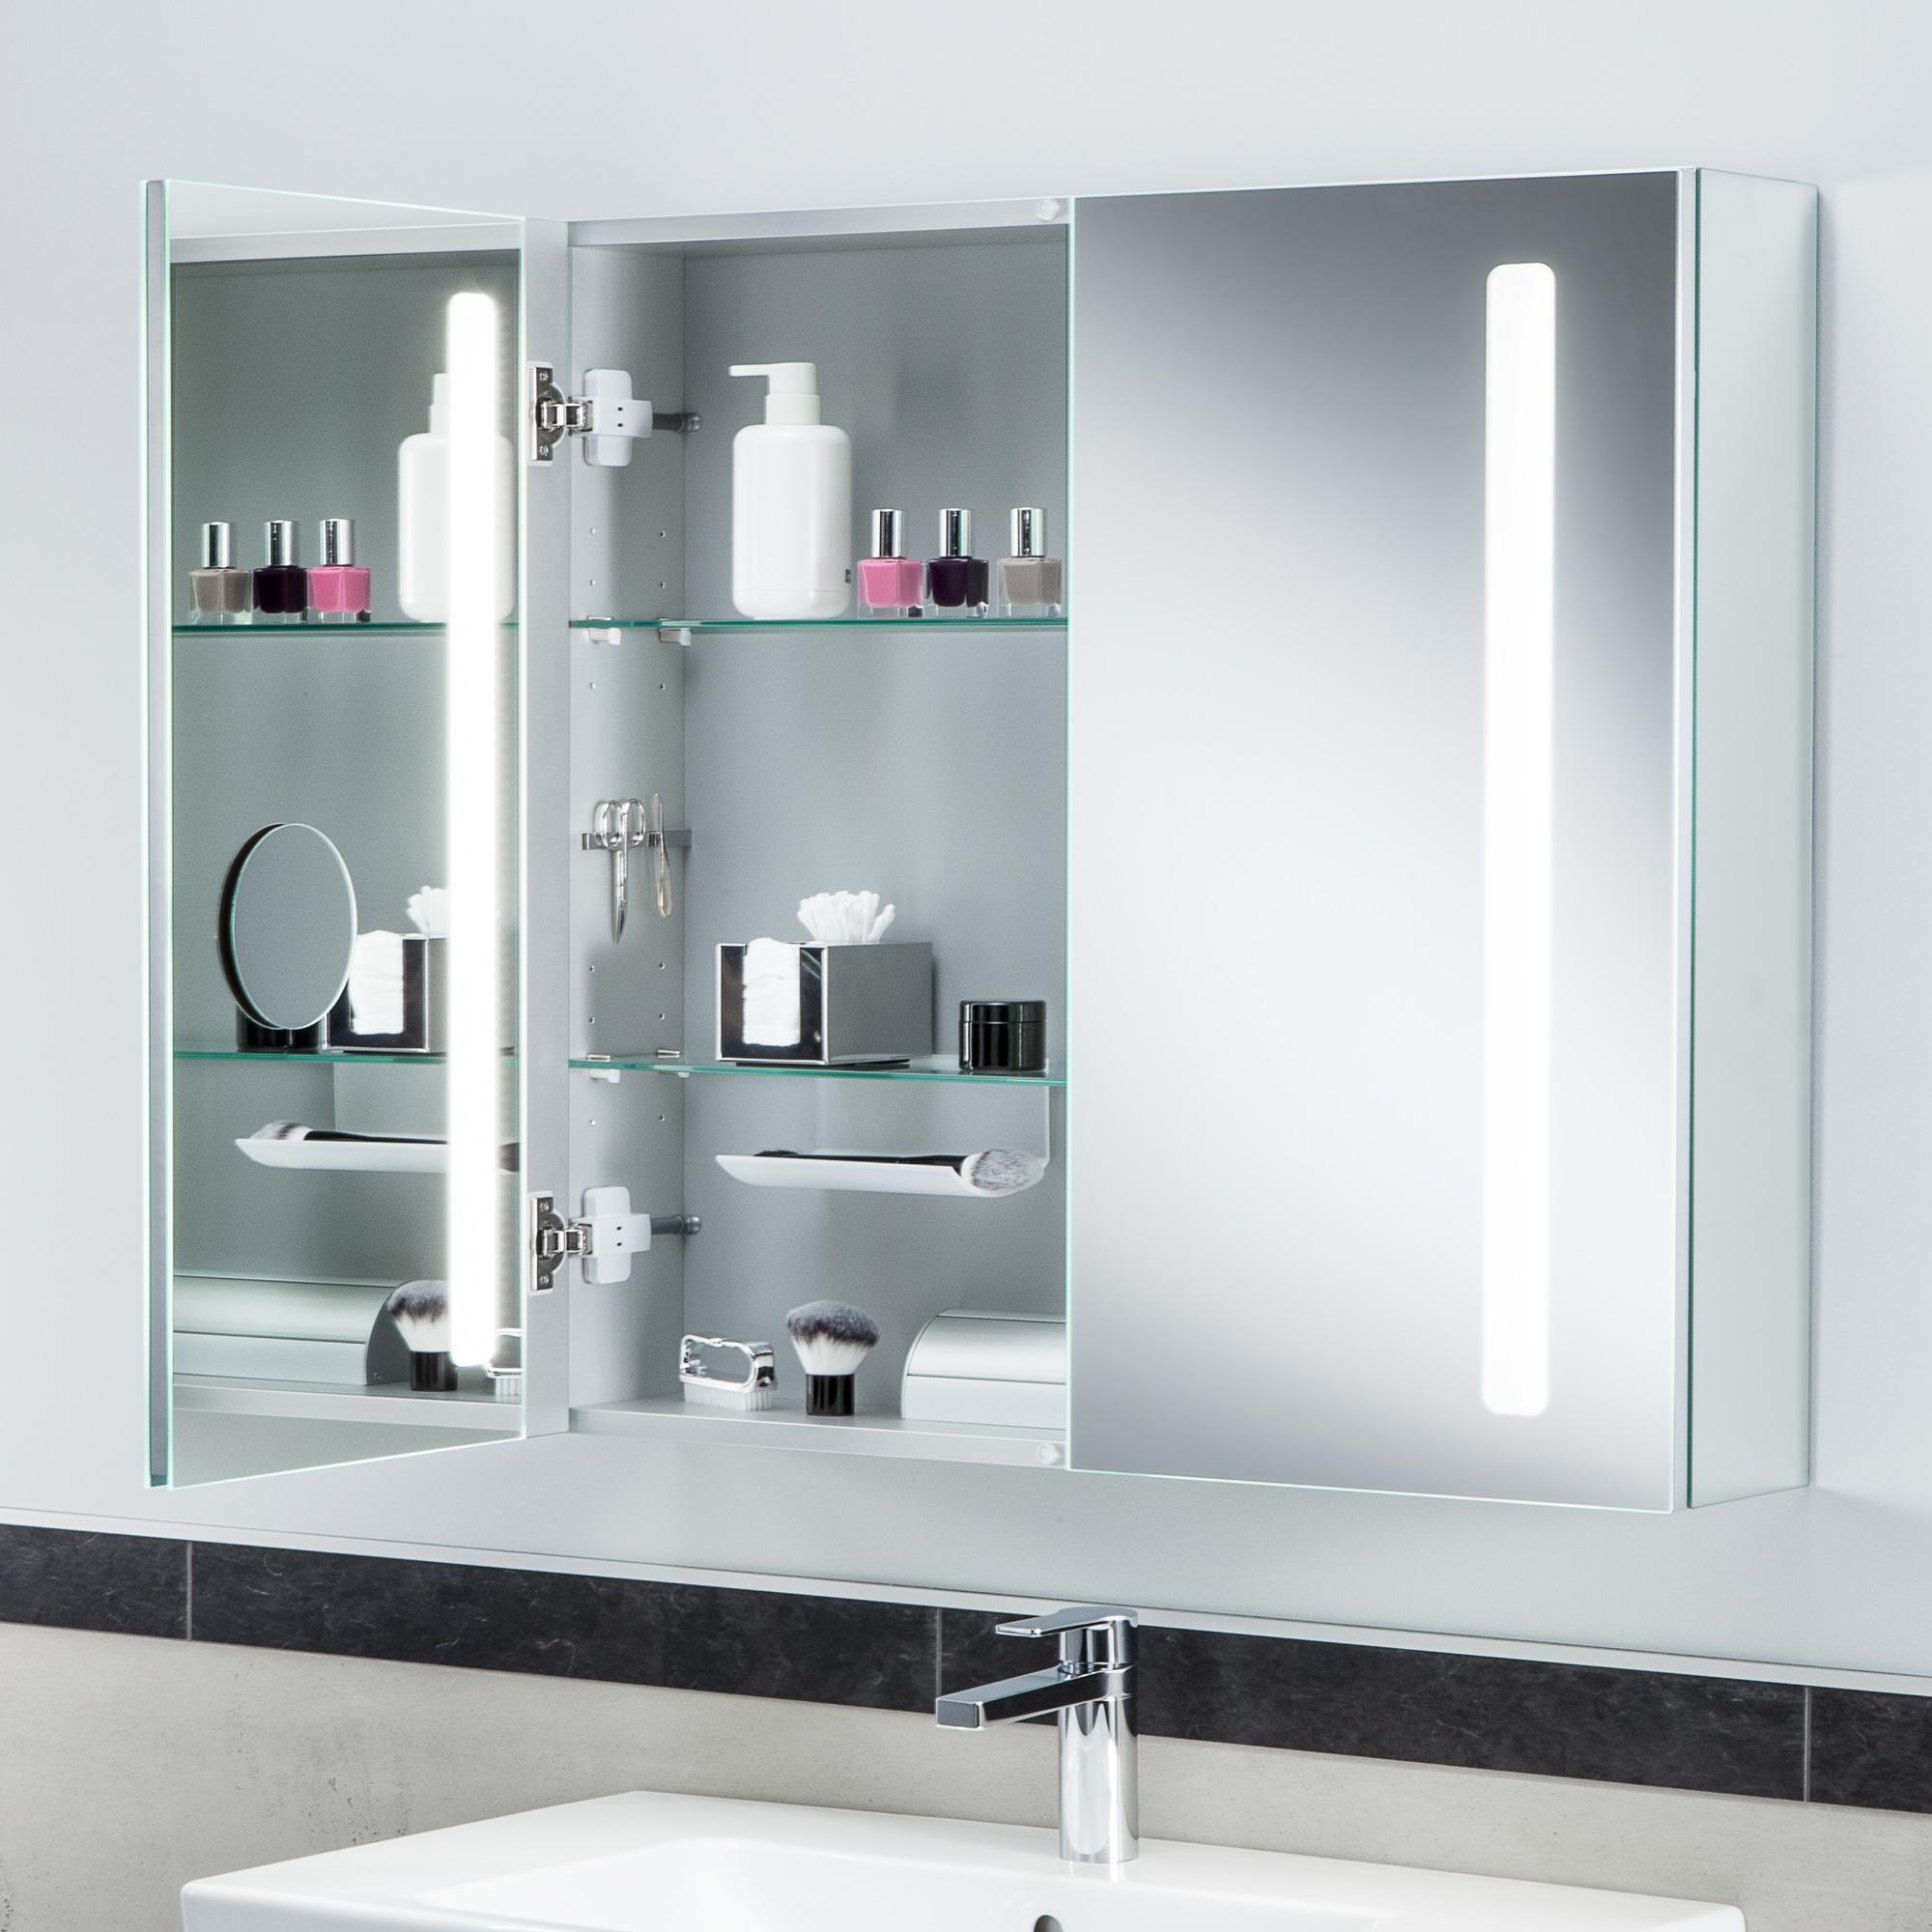 Villeroy boch my view 14 spiegelschrank mit led for Spiegelschrank 110 cm breit